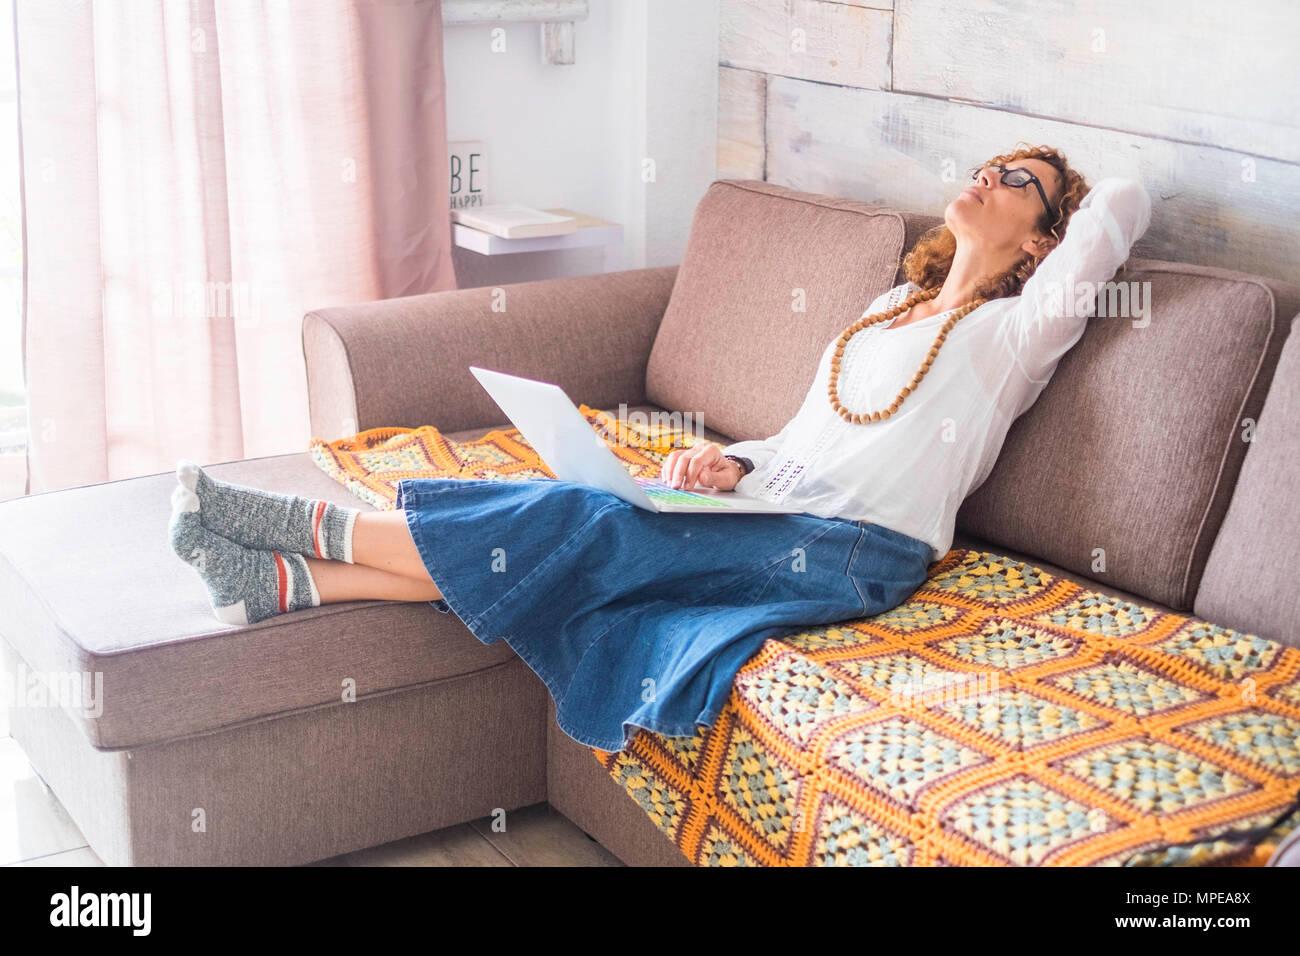 Cansado o lleno de pensamientos solitaria mujer caucásica trabaja en casa con palabra clave color portátil moderno como artista forma y estilo de vida. sentar en el sofá l Imagen De Stock